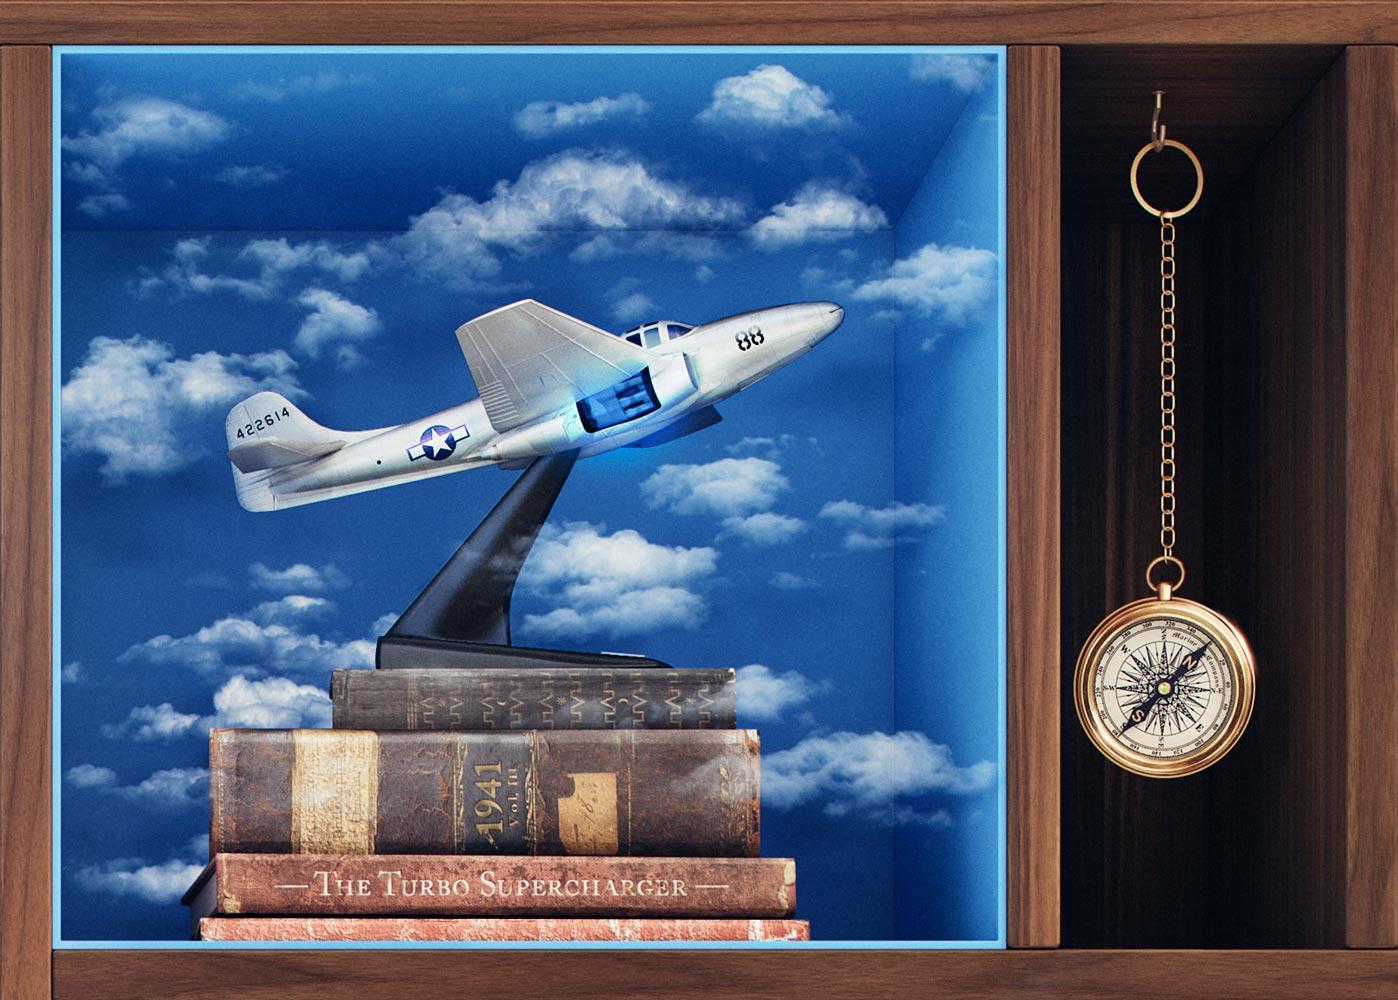 GE_LittleRedRobot_Aviation_ModelPlane.jpg